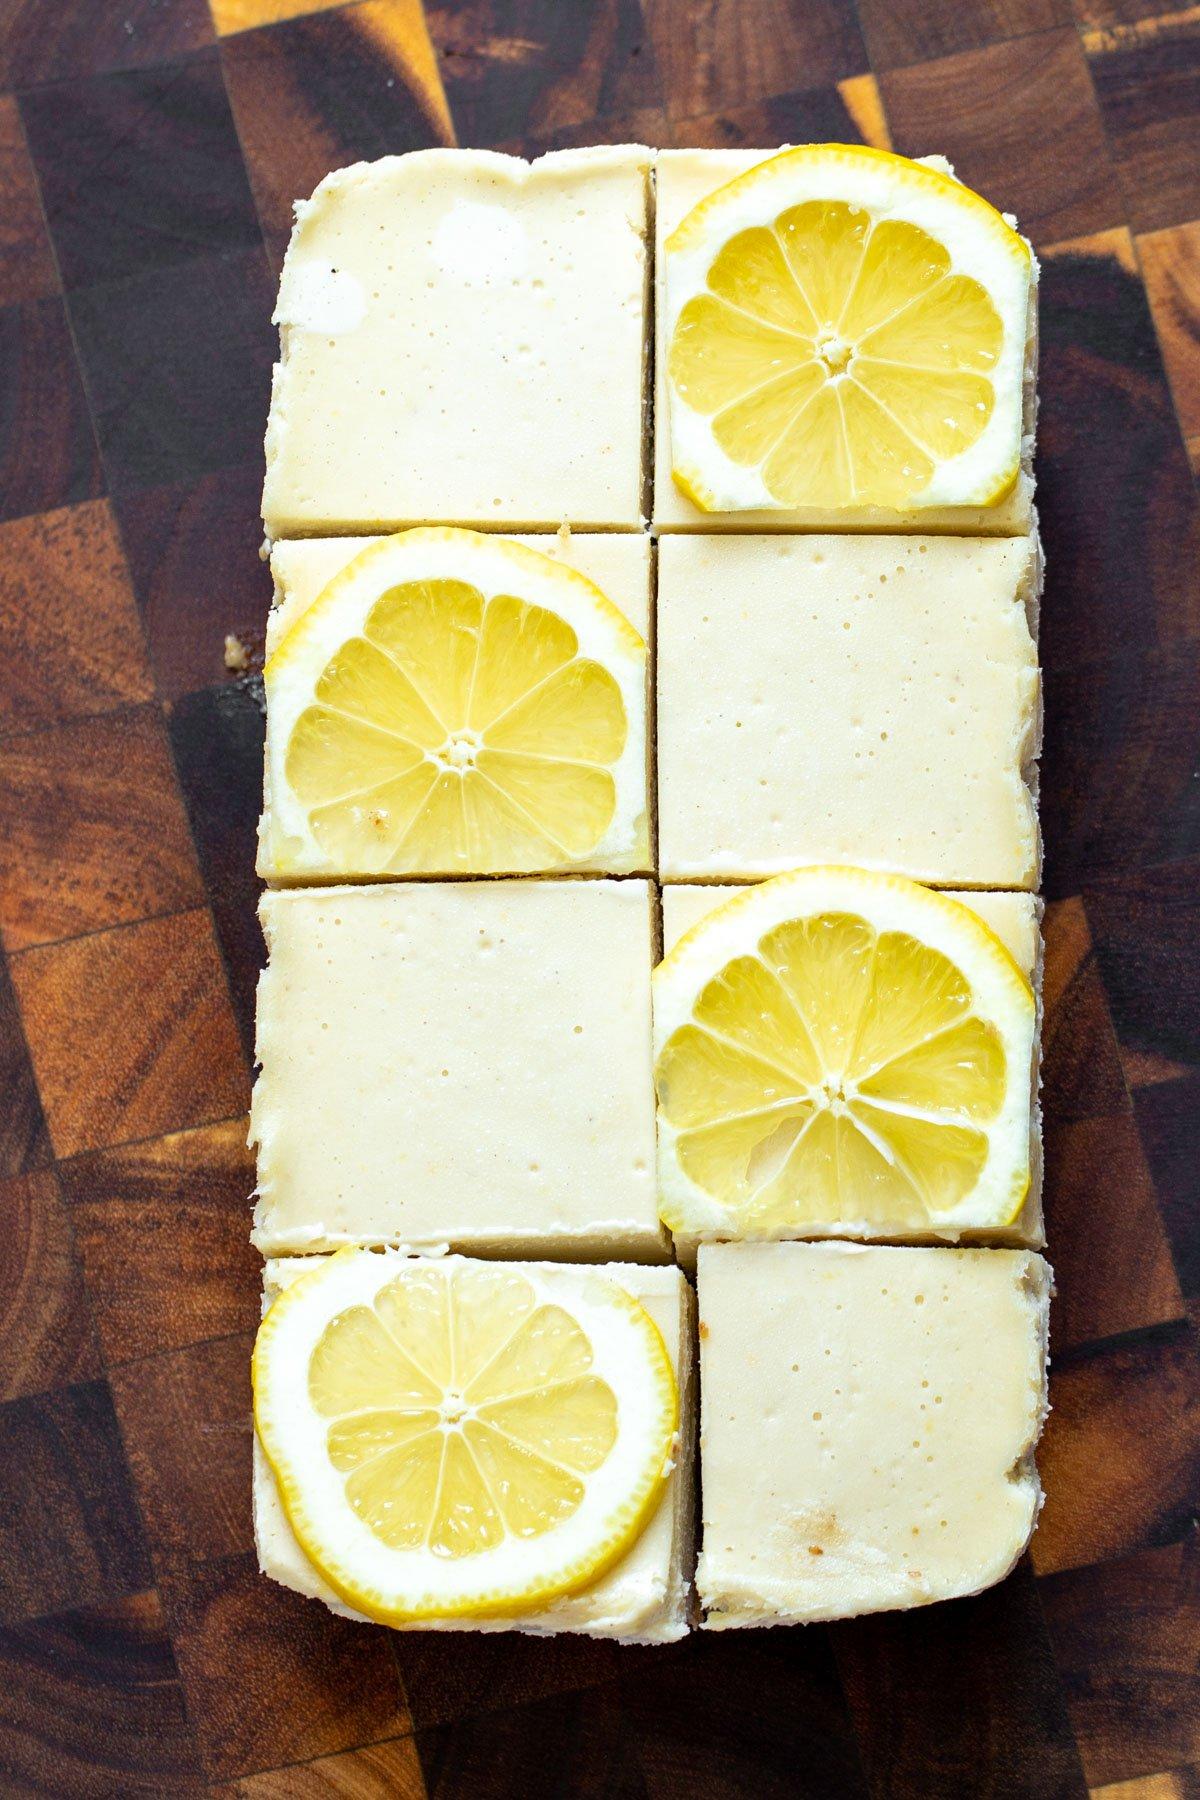 vegan lemon bars topped with fresh lemon slices